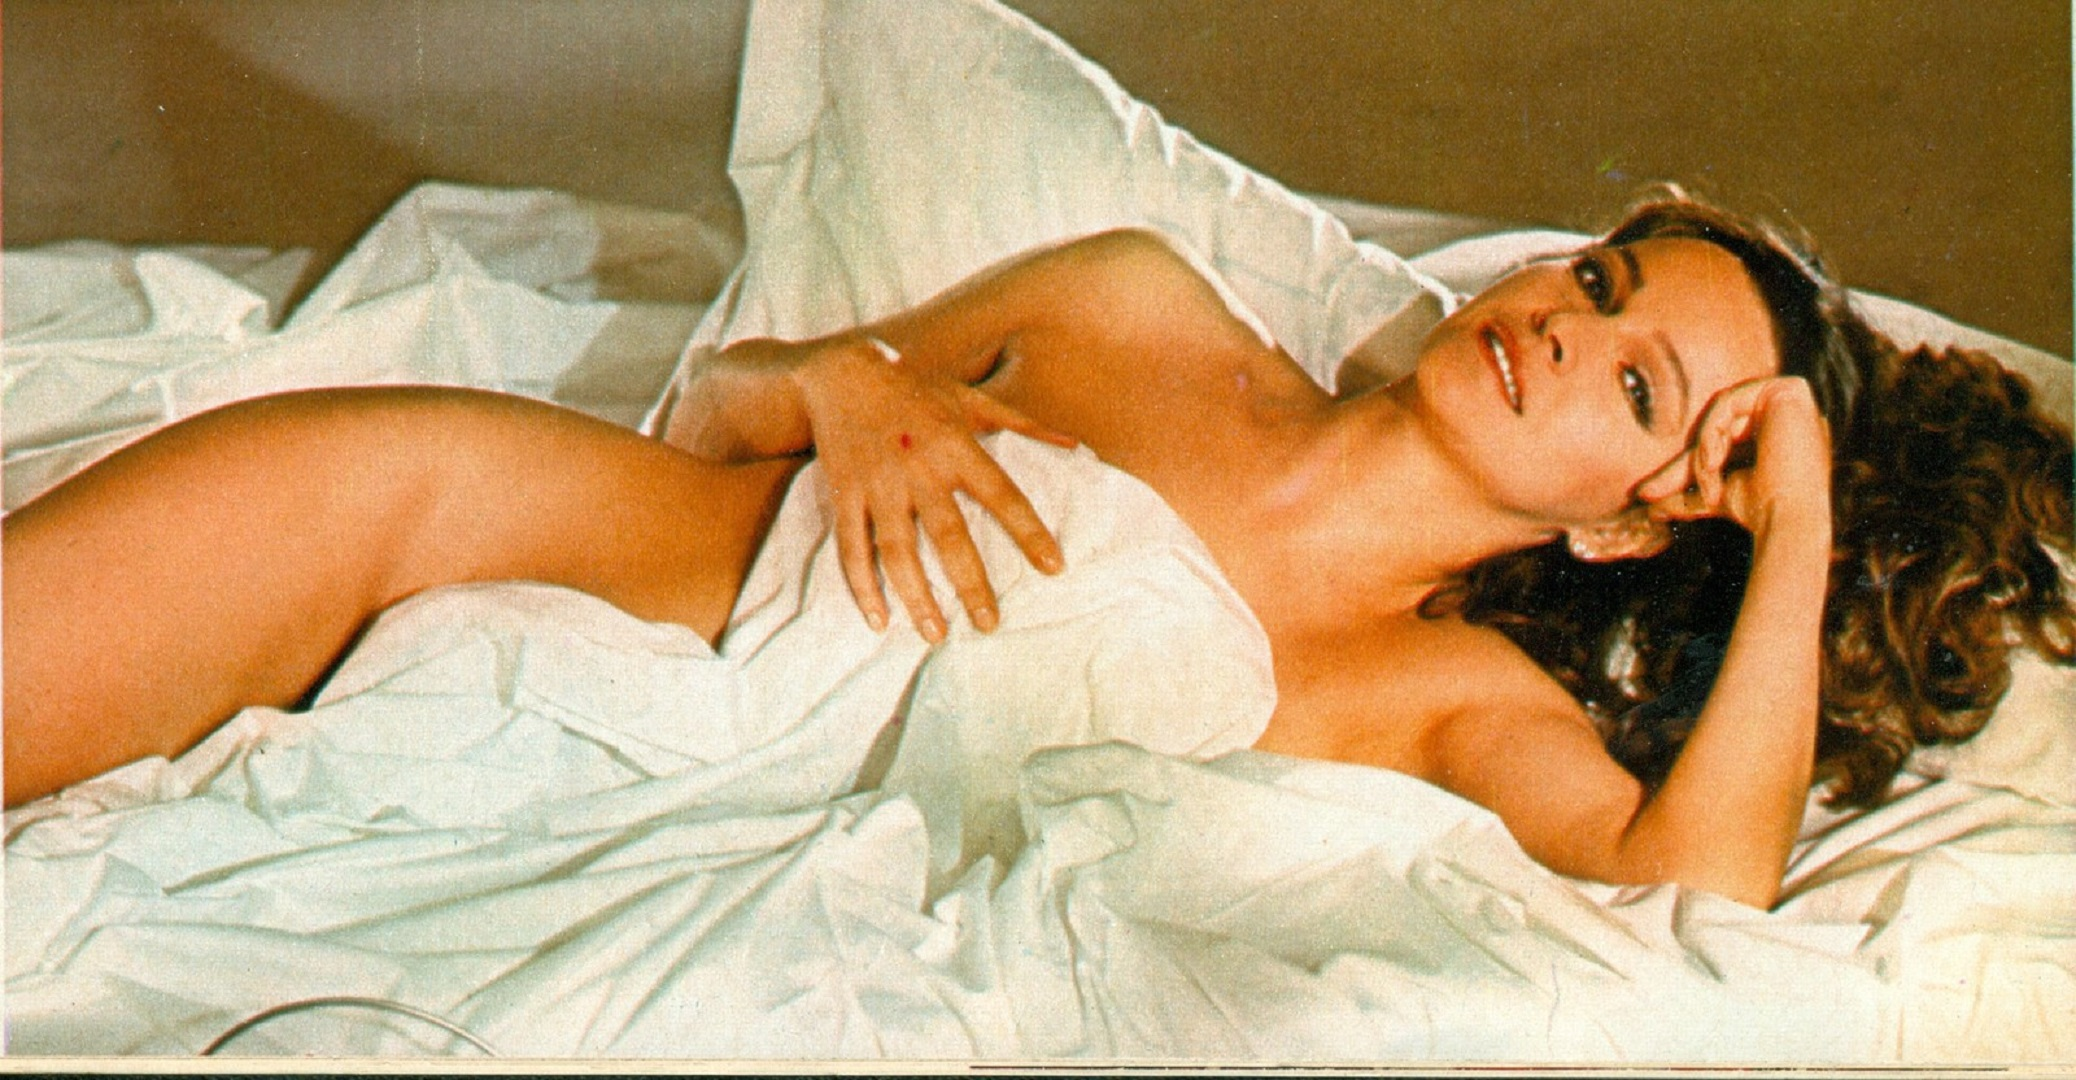 возможно, супер эротика итальянский фильмы одним тем же